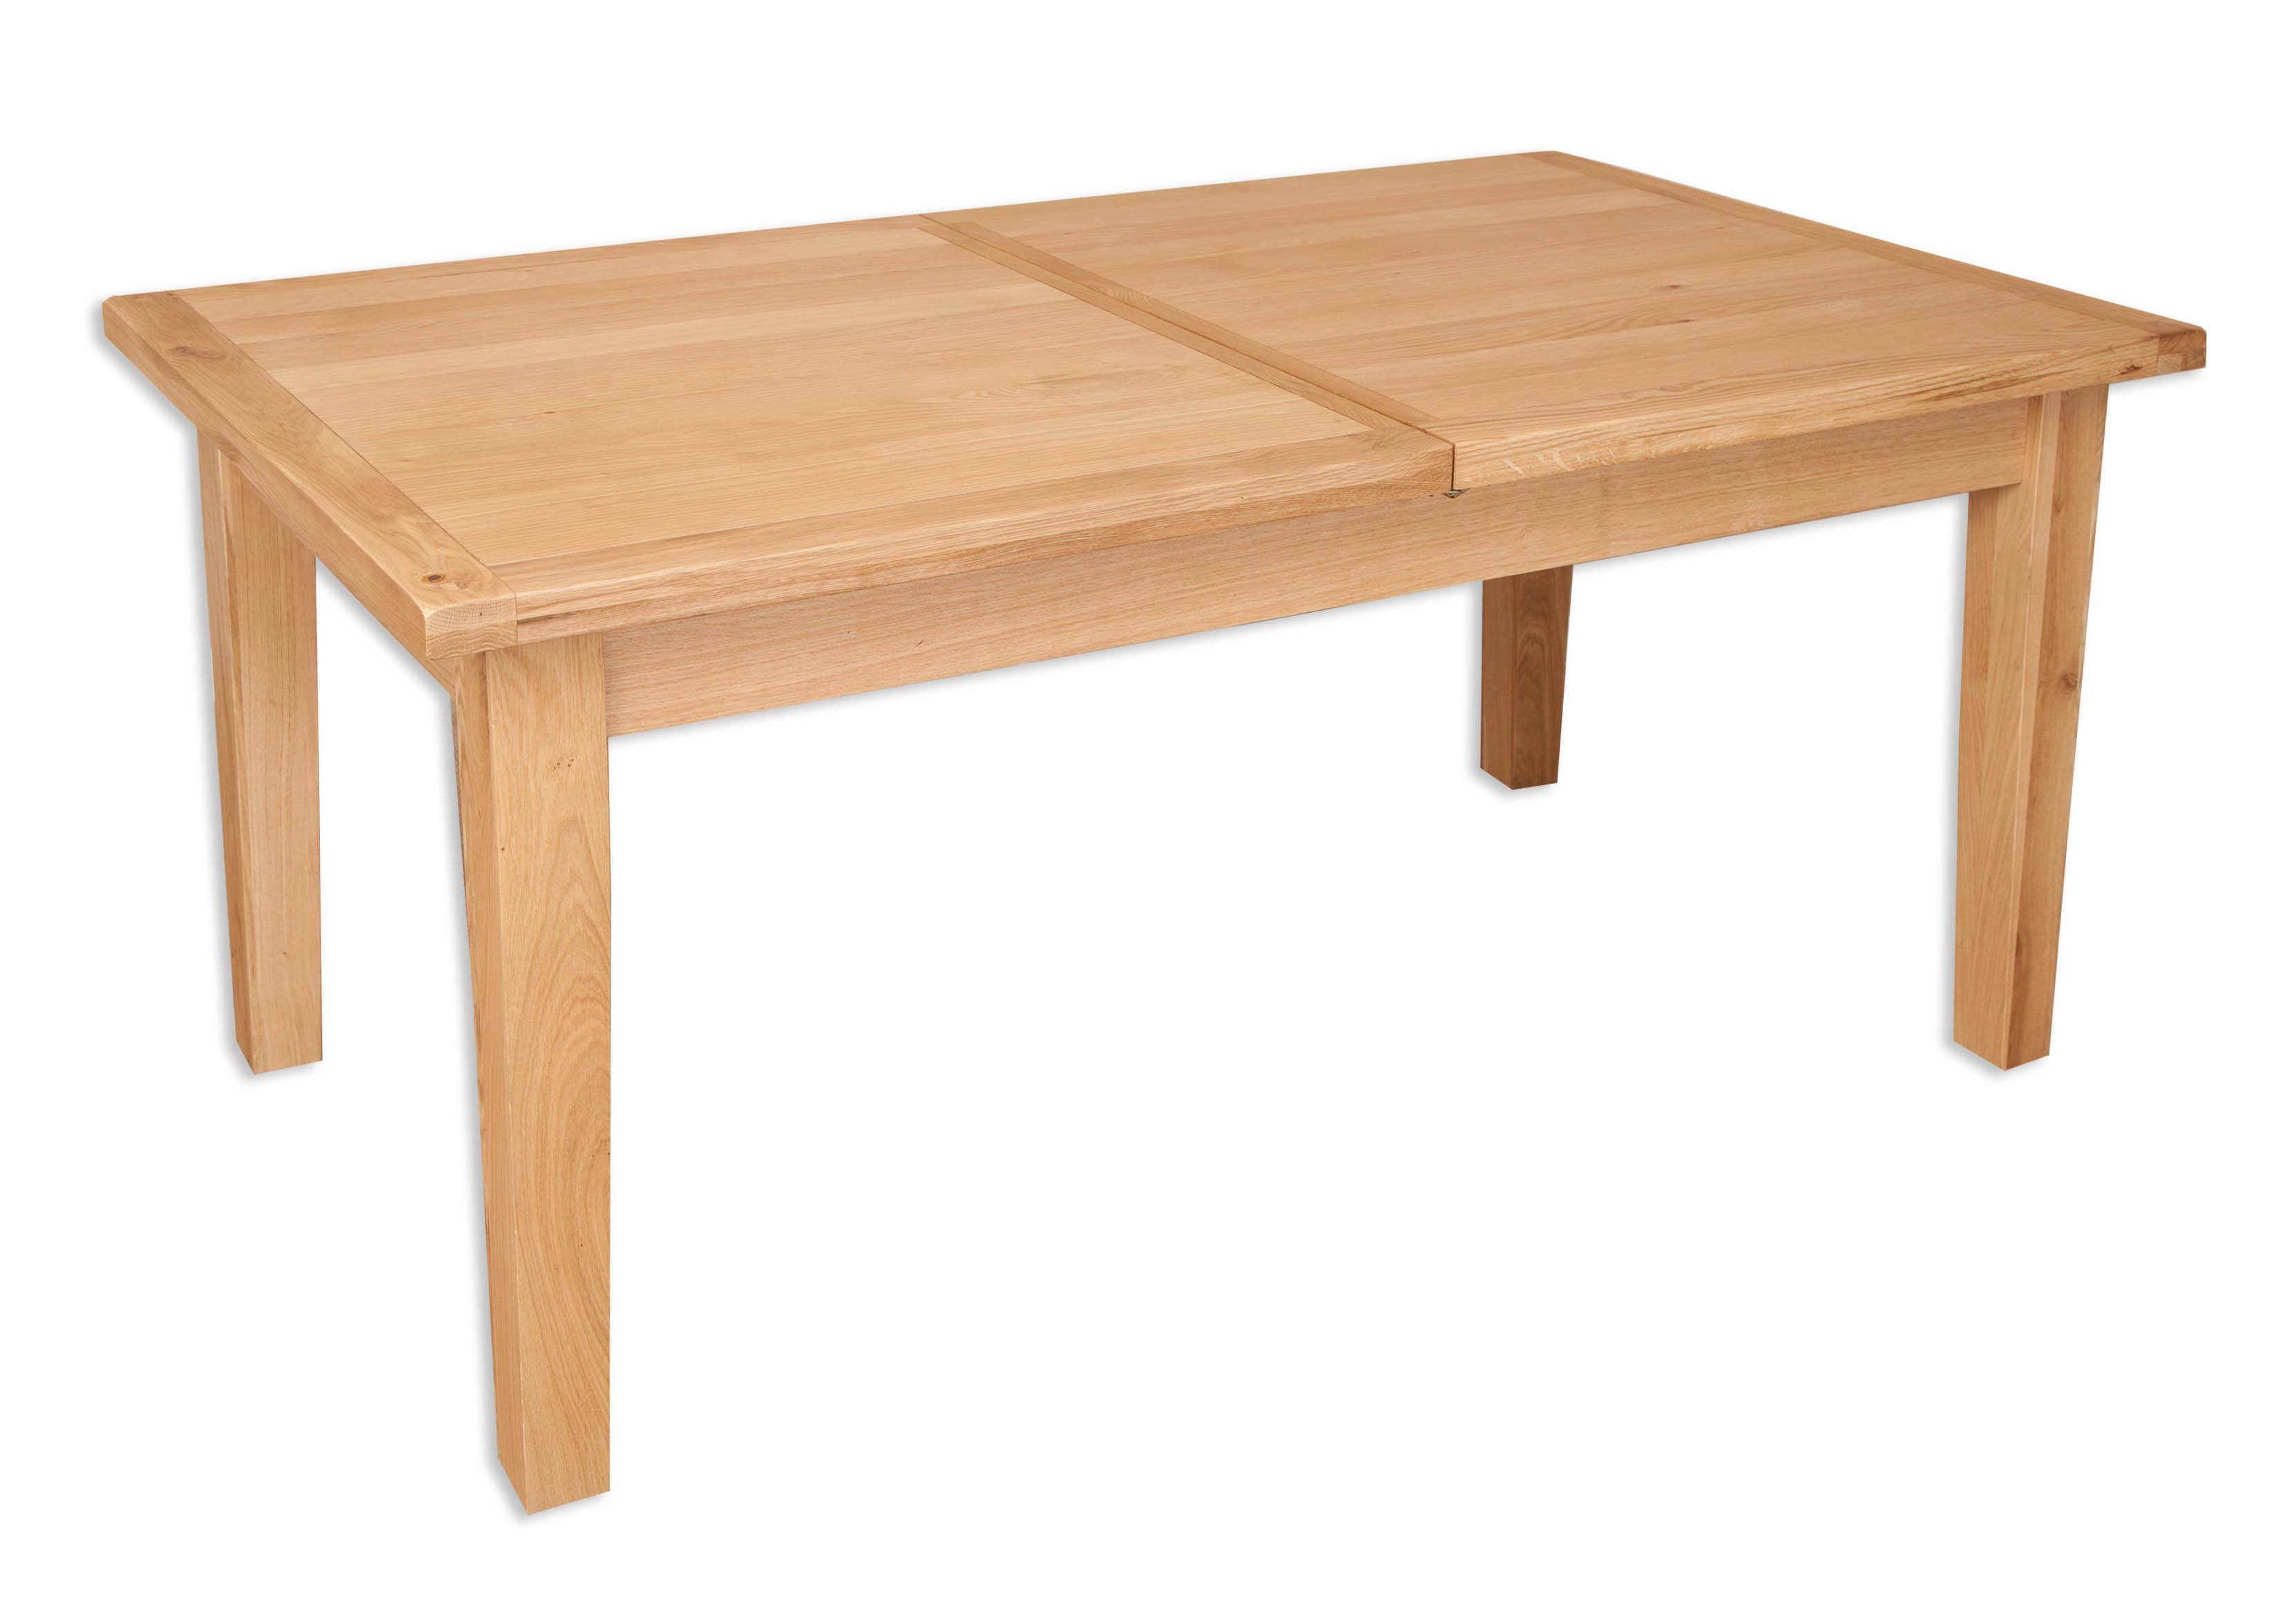 chelsea natural oak extending dining table homesmile. Black Bedroom Furniture Sets. Home Design Ideas